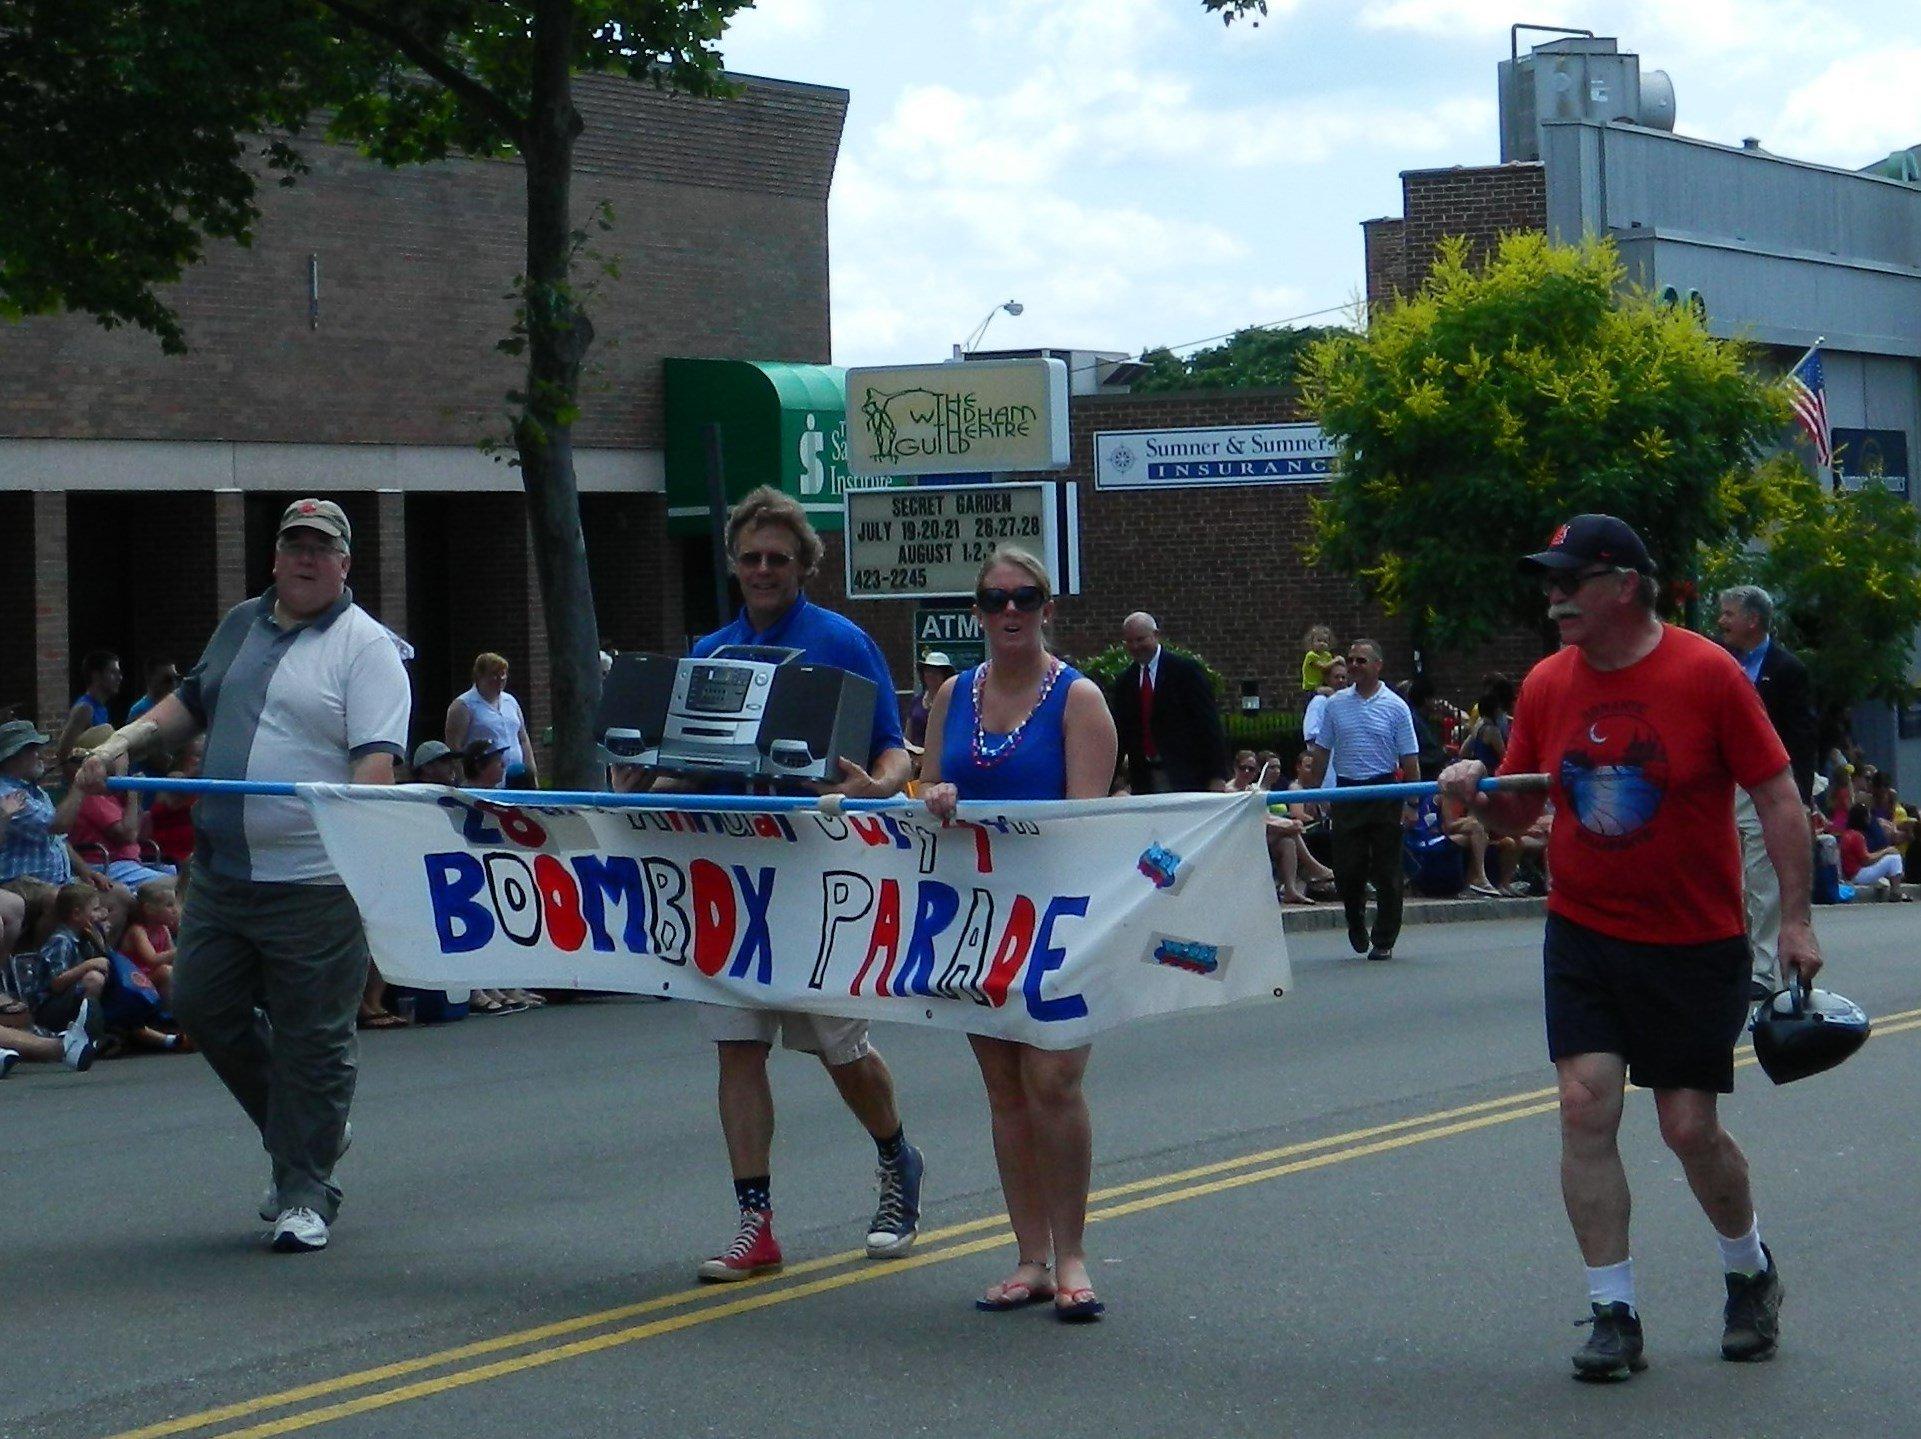 WILI boombox parade